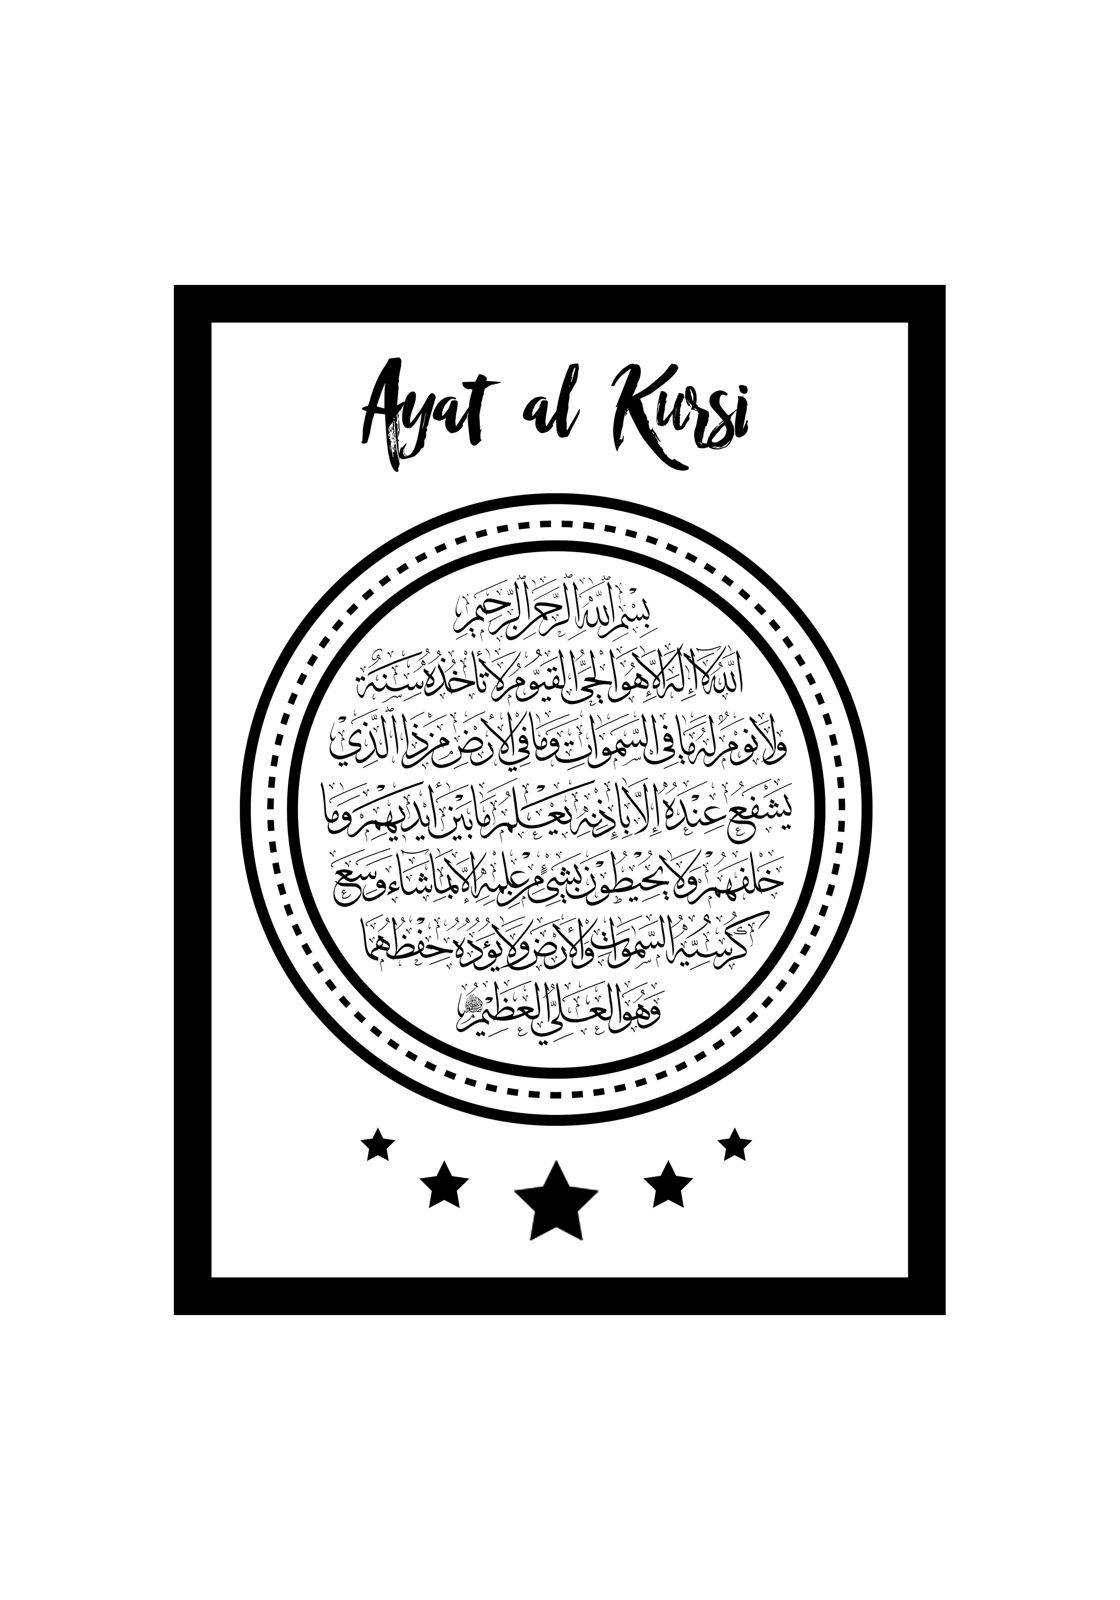 Ayat al Kursi black white_opt